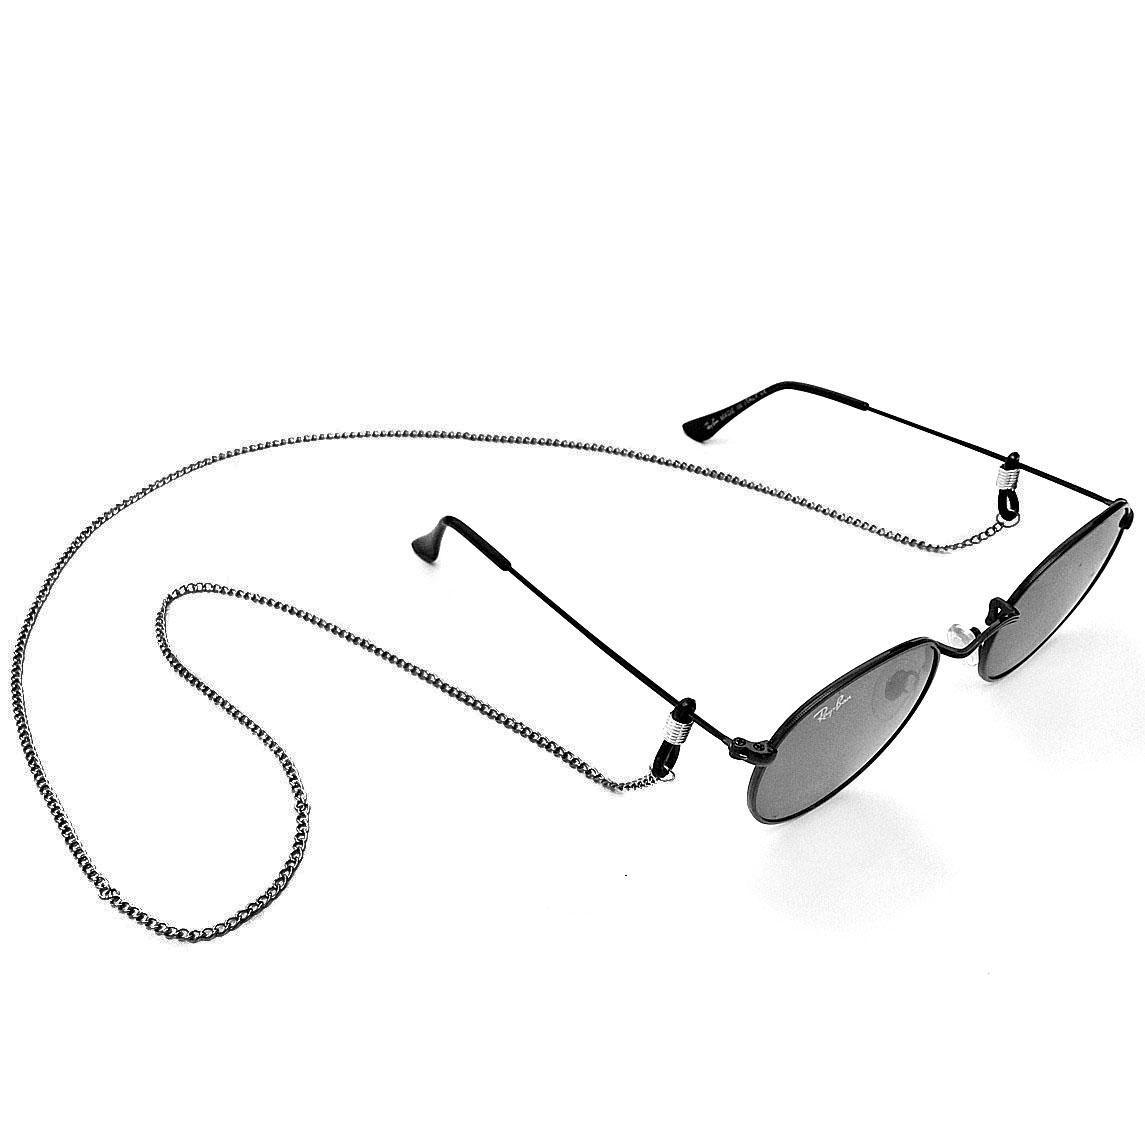 Corrente de óculos Salva Óculos Corrente de metal Preto 80cm Elo020 Fina